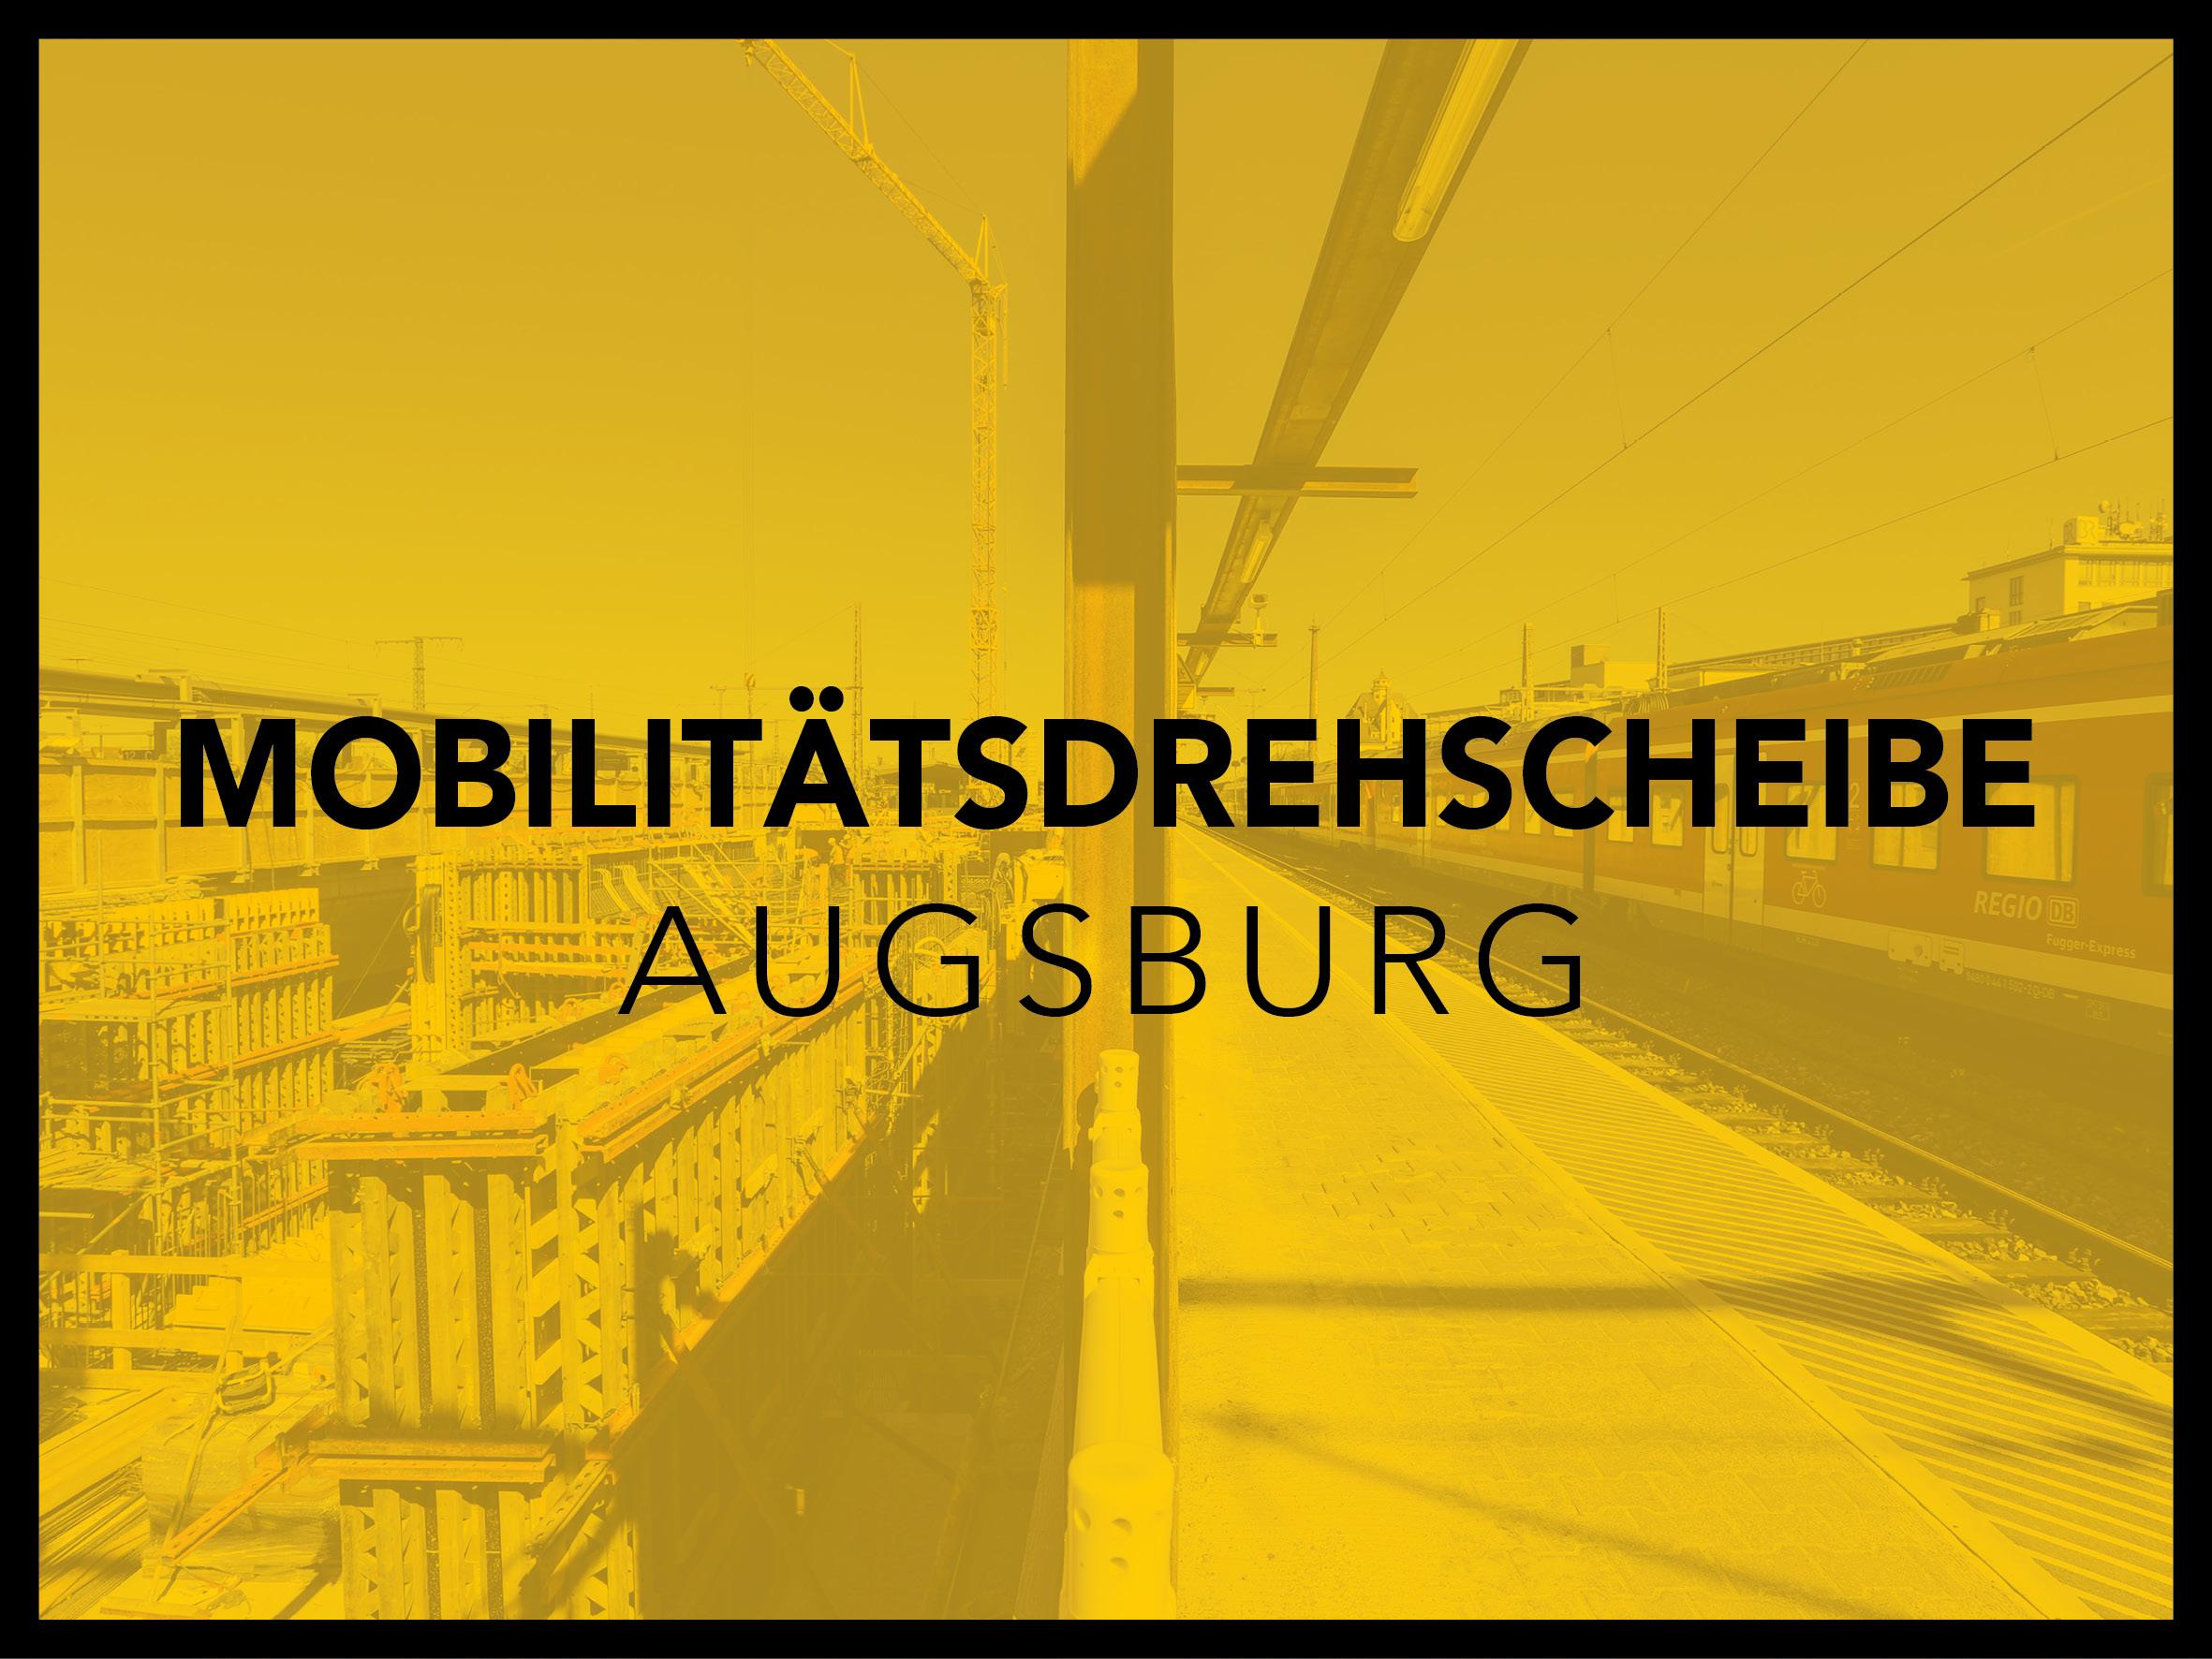 Mobilitätsdrehscheibe Augsburg 1